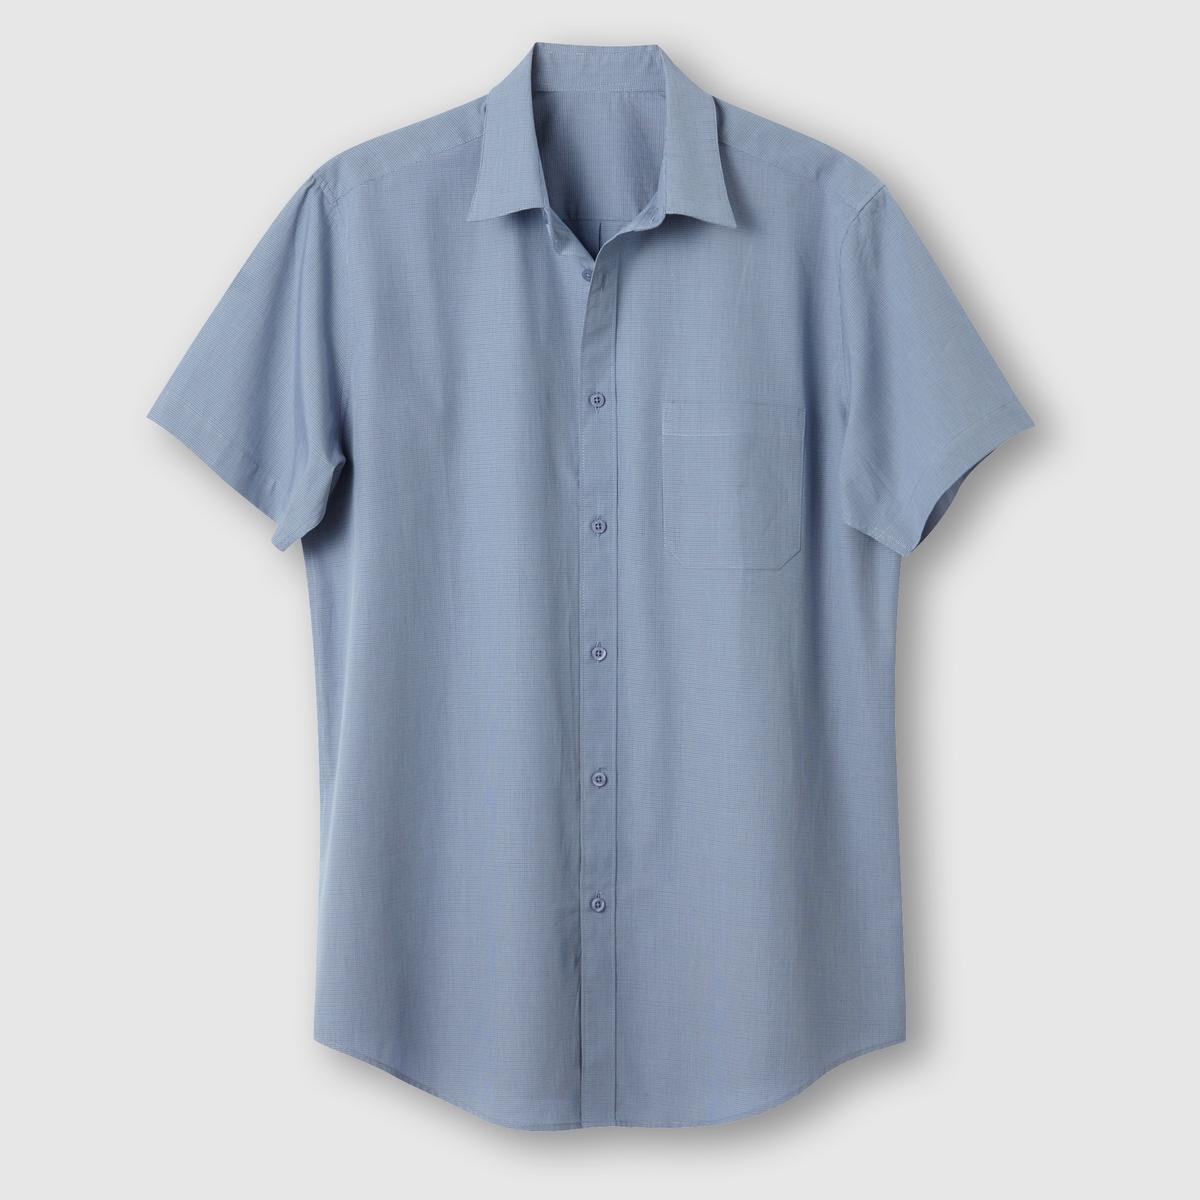 Рубашка с короткими рукавами, рост 1 и 2 (до 1,87 м)